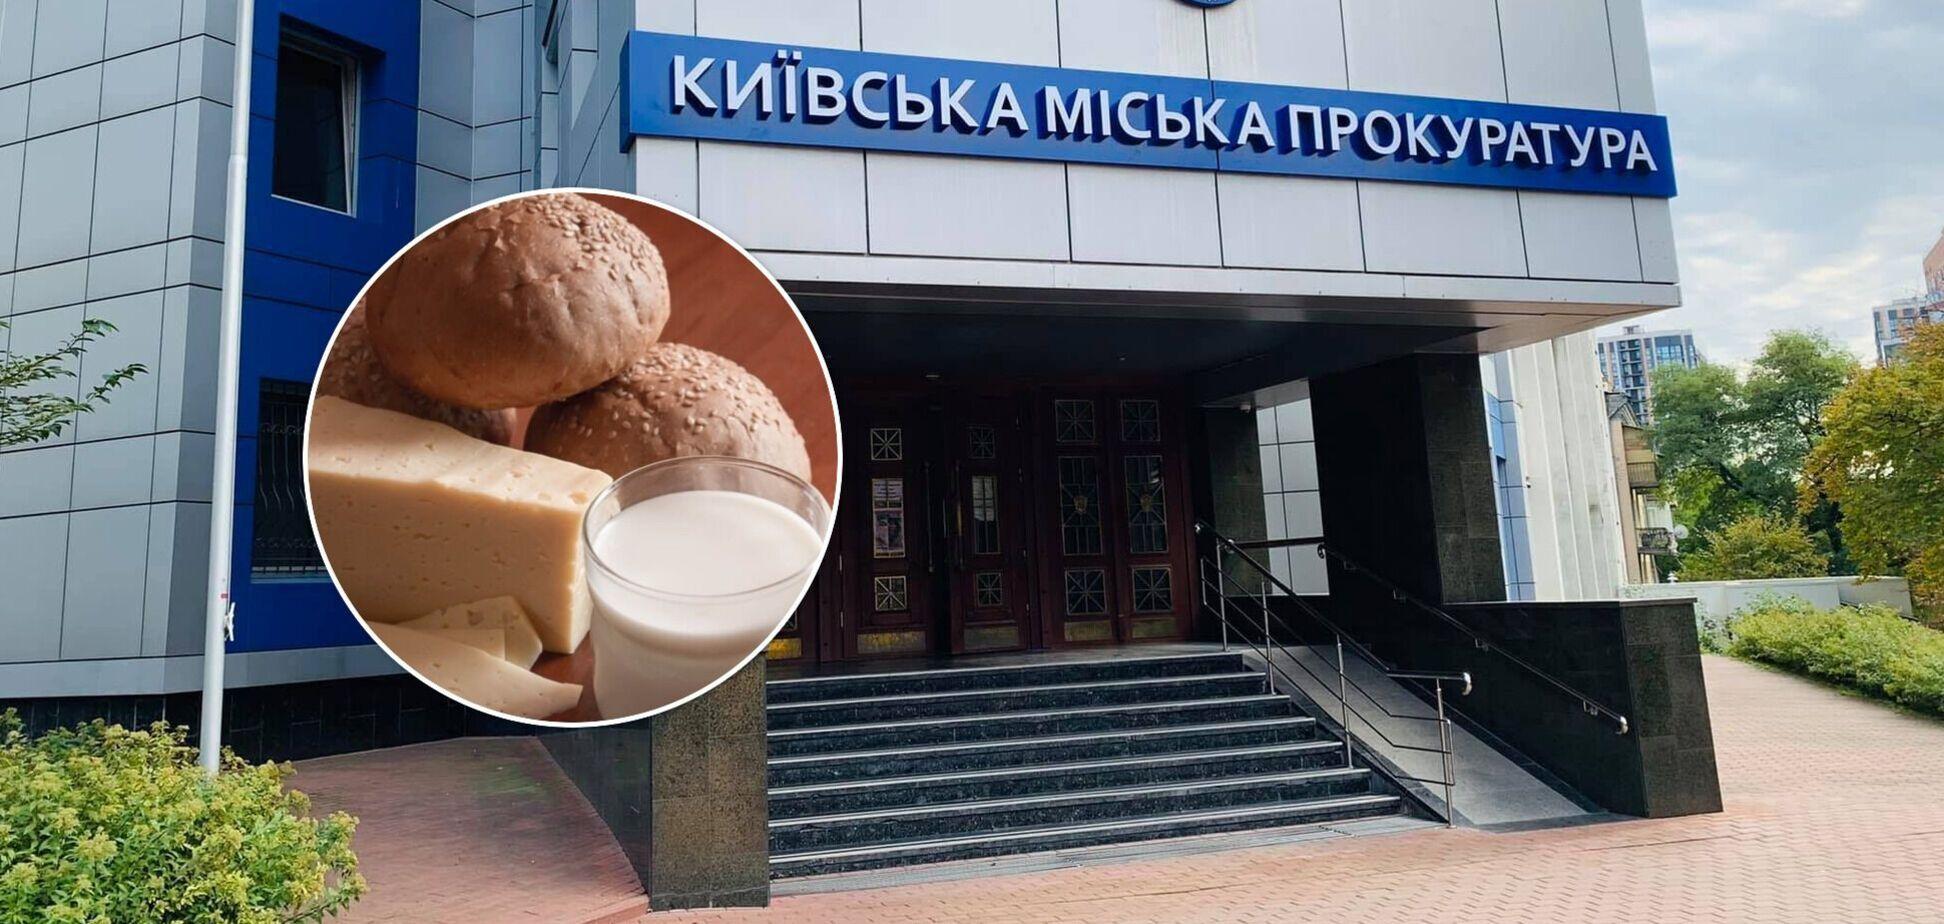 Збиток оцінили на суму понад 400 тис. грн.